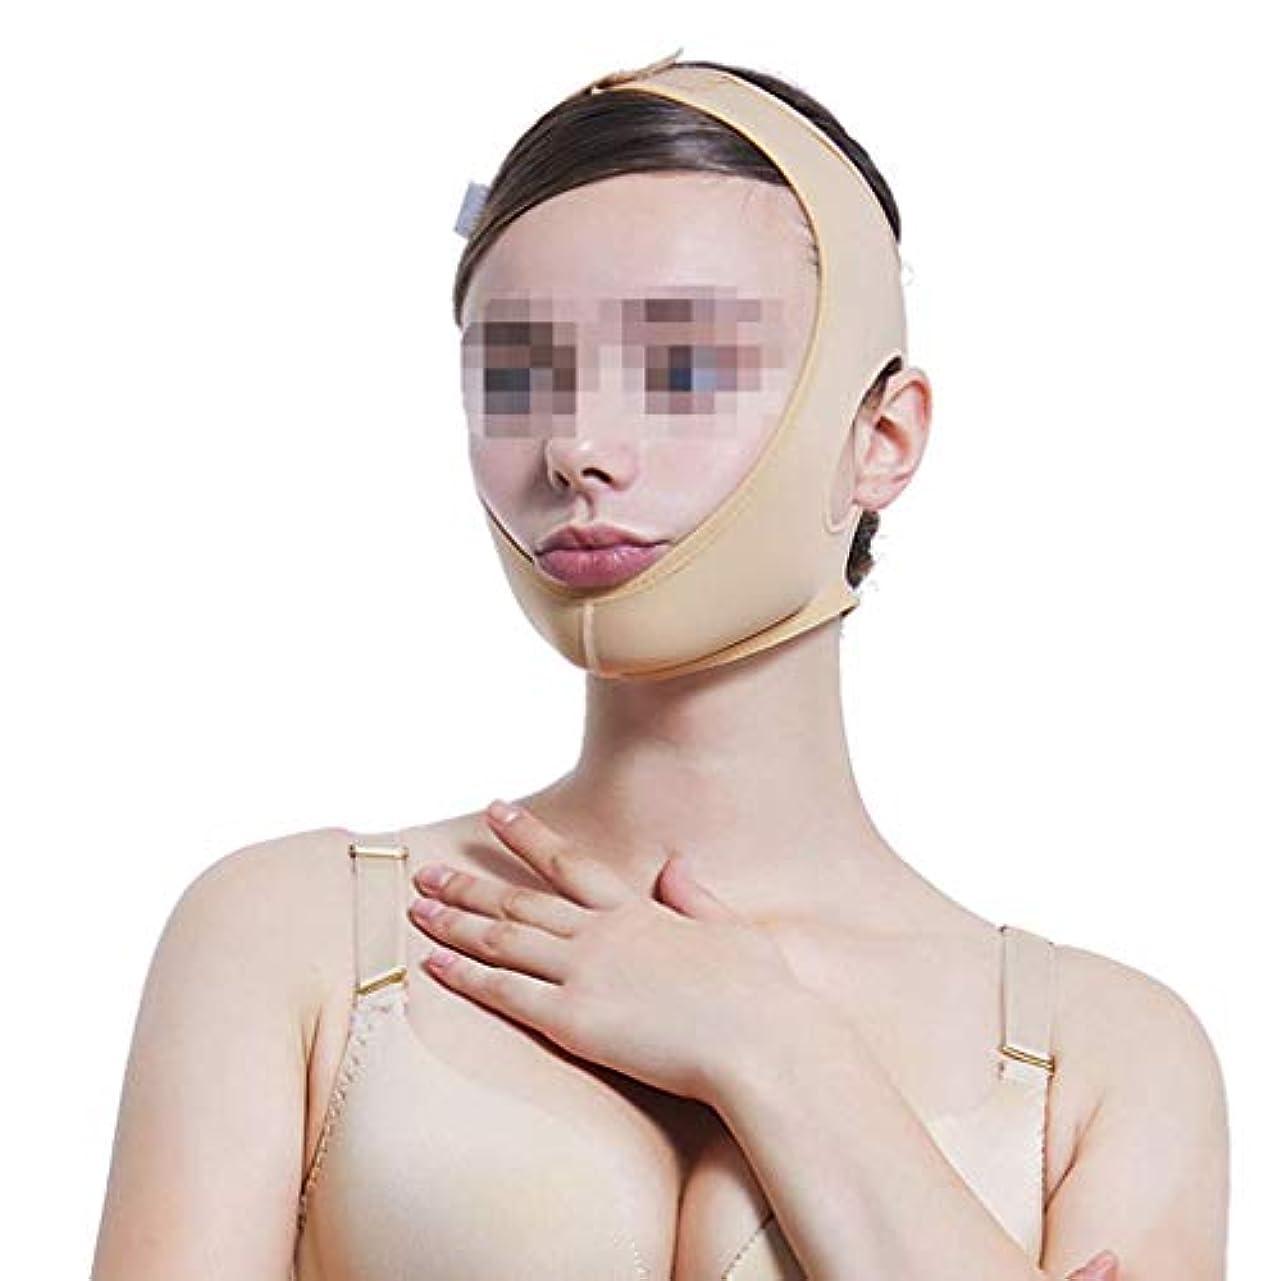 コードコンサート排除するビームフェイス弾性ヘッドギア、ダブルあごのあごのセットをマスクの後に線彫り薄いフェイス包帯マルチサイズオプション(サイズ:XS),XXL